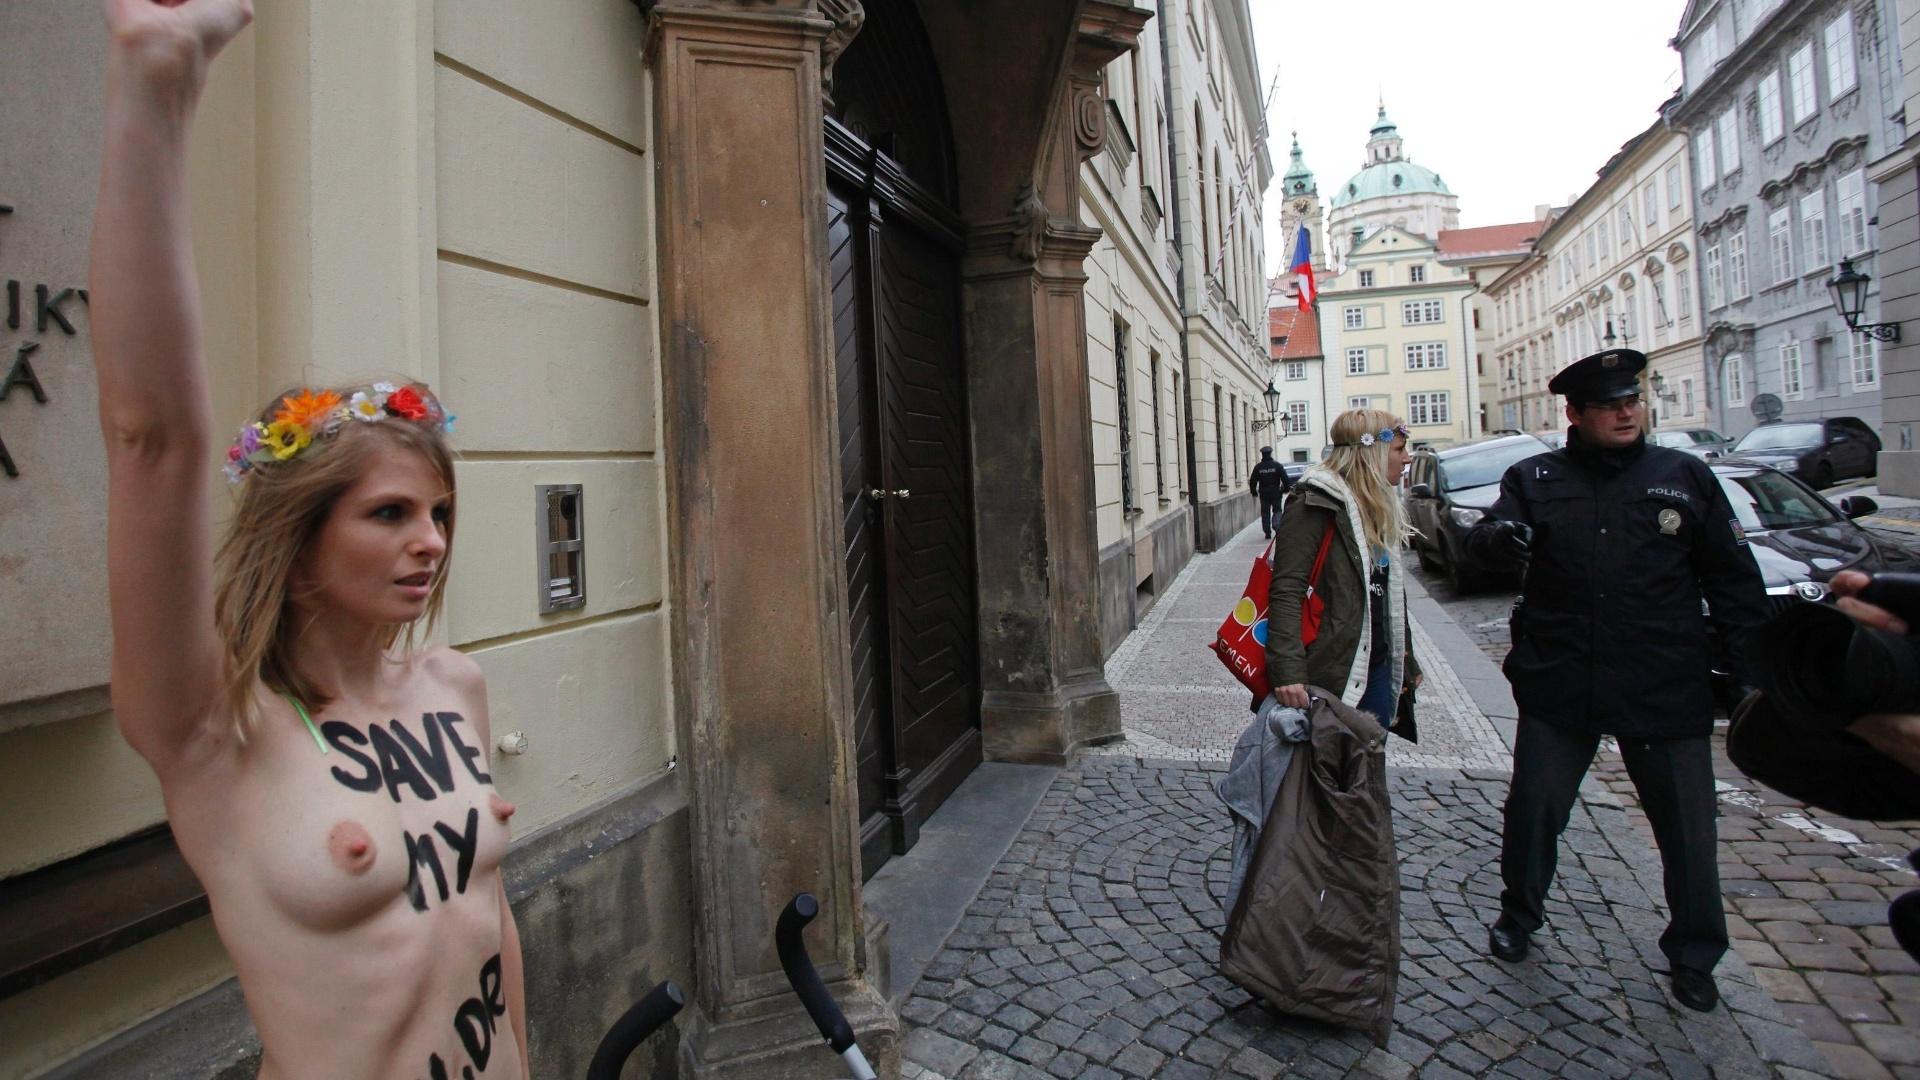 6.dez.2012 - A ex-atriz ucraniana de filmes adultos e ativista do grupo feminista Femen Anastasia Grishay, também conhecida como Wiska, protesta em frente ao prédio do Parlamento tcheco, em Praga. Wiska corre o risco de ser presa e de perder a guarda de seu filho por produzir e distribuir filmes pornográficos em seu país. Ela pediu asilo político na República Tcheca, mas o pedido foi negado pelas autoridades